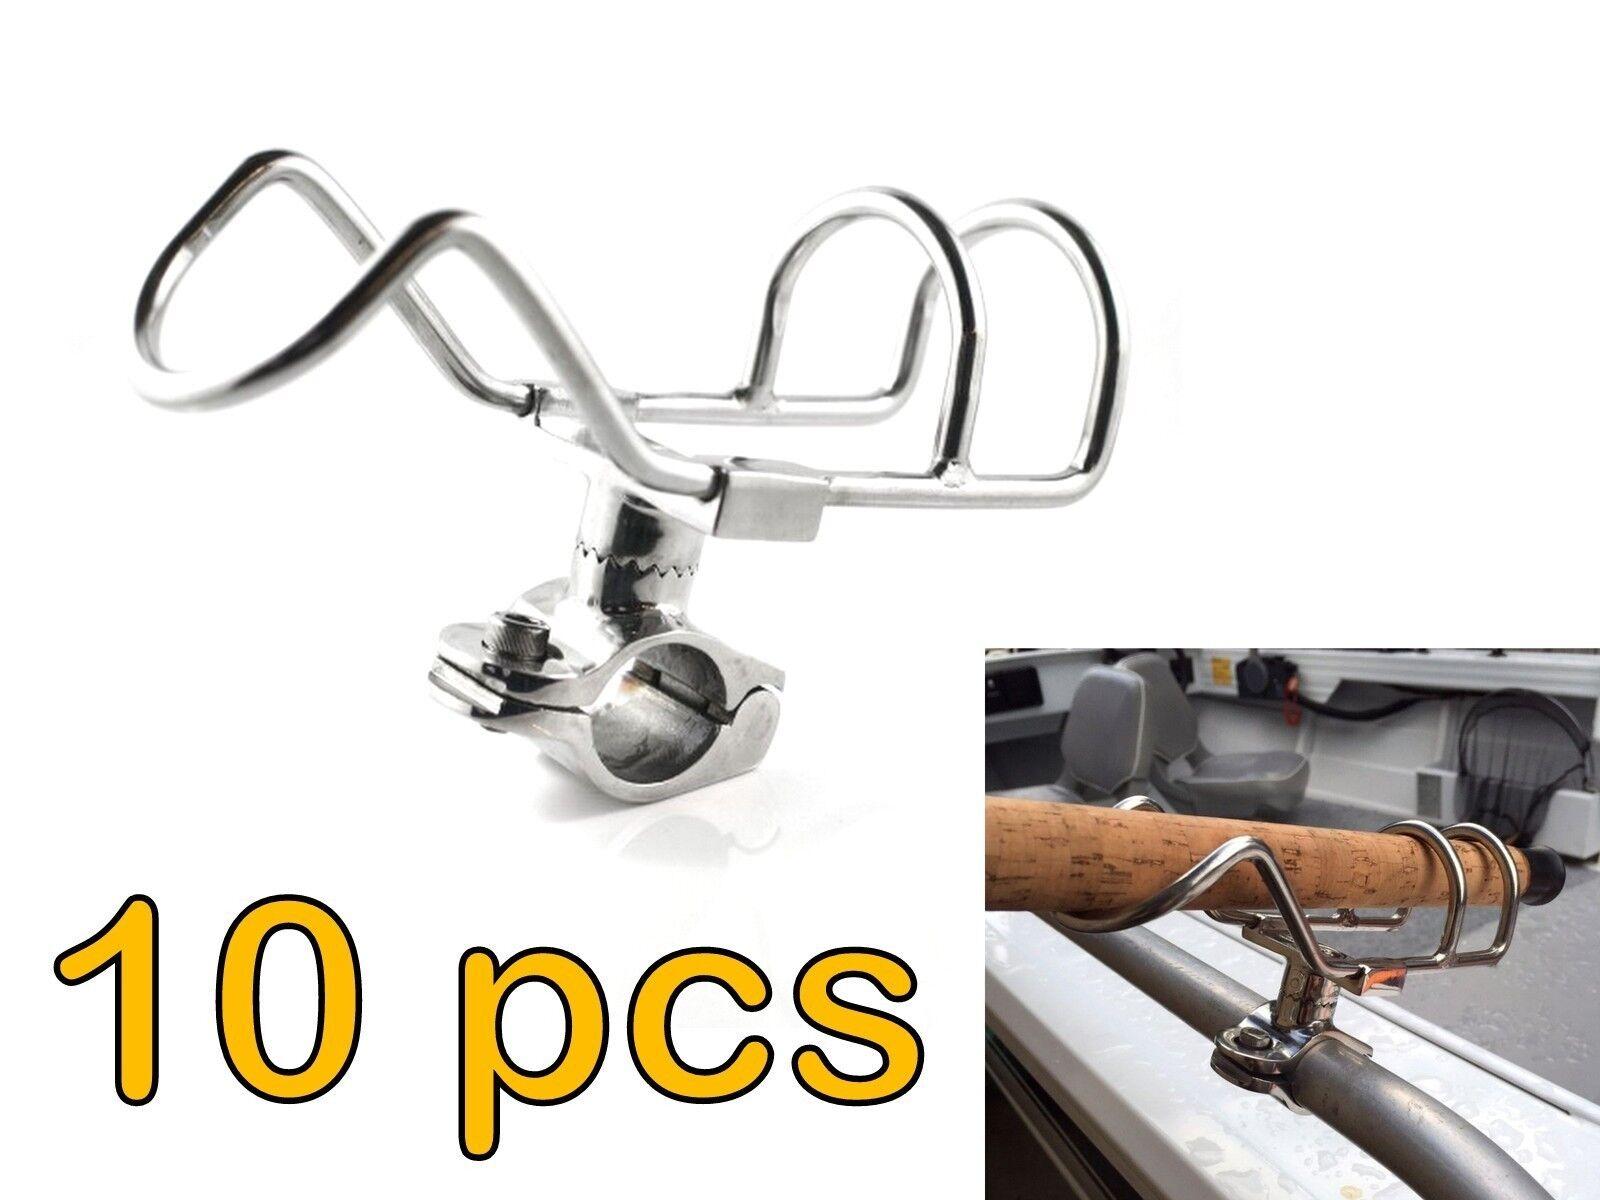 10x Acero Inoxidable 32mm Varilla Soporte de montaje en Cocheril barco de pesca 360 Ajustable